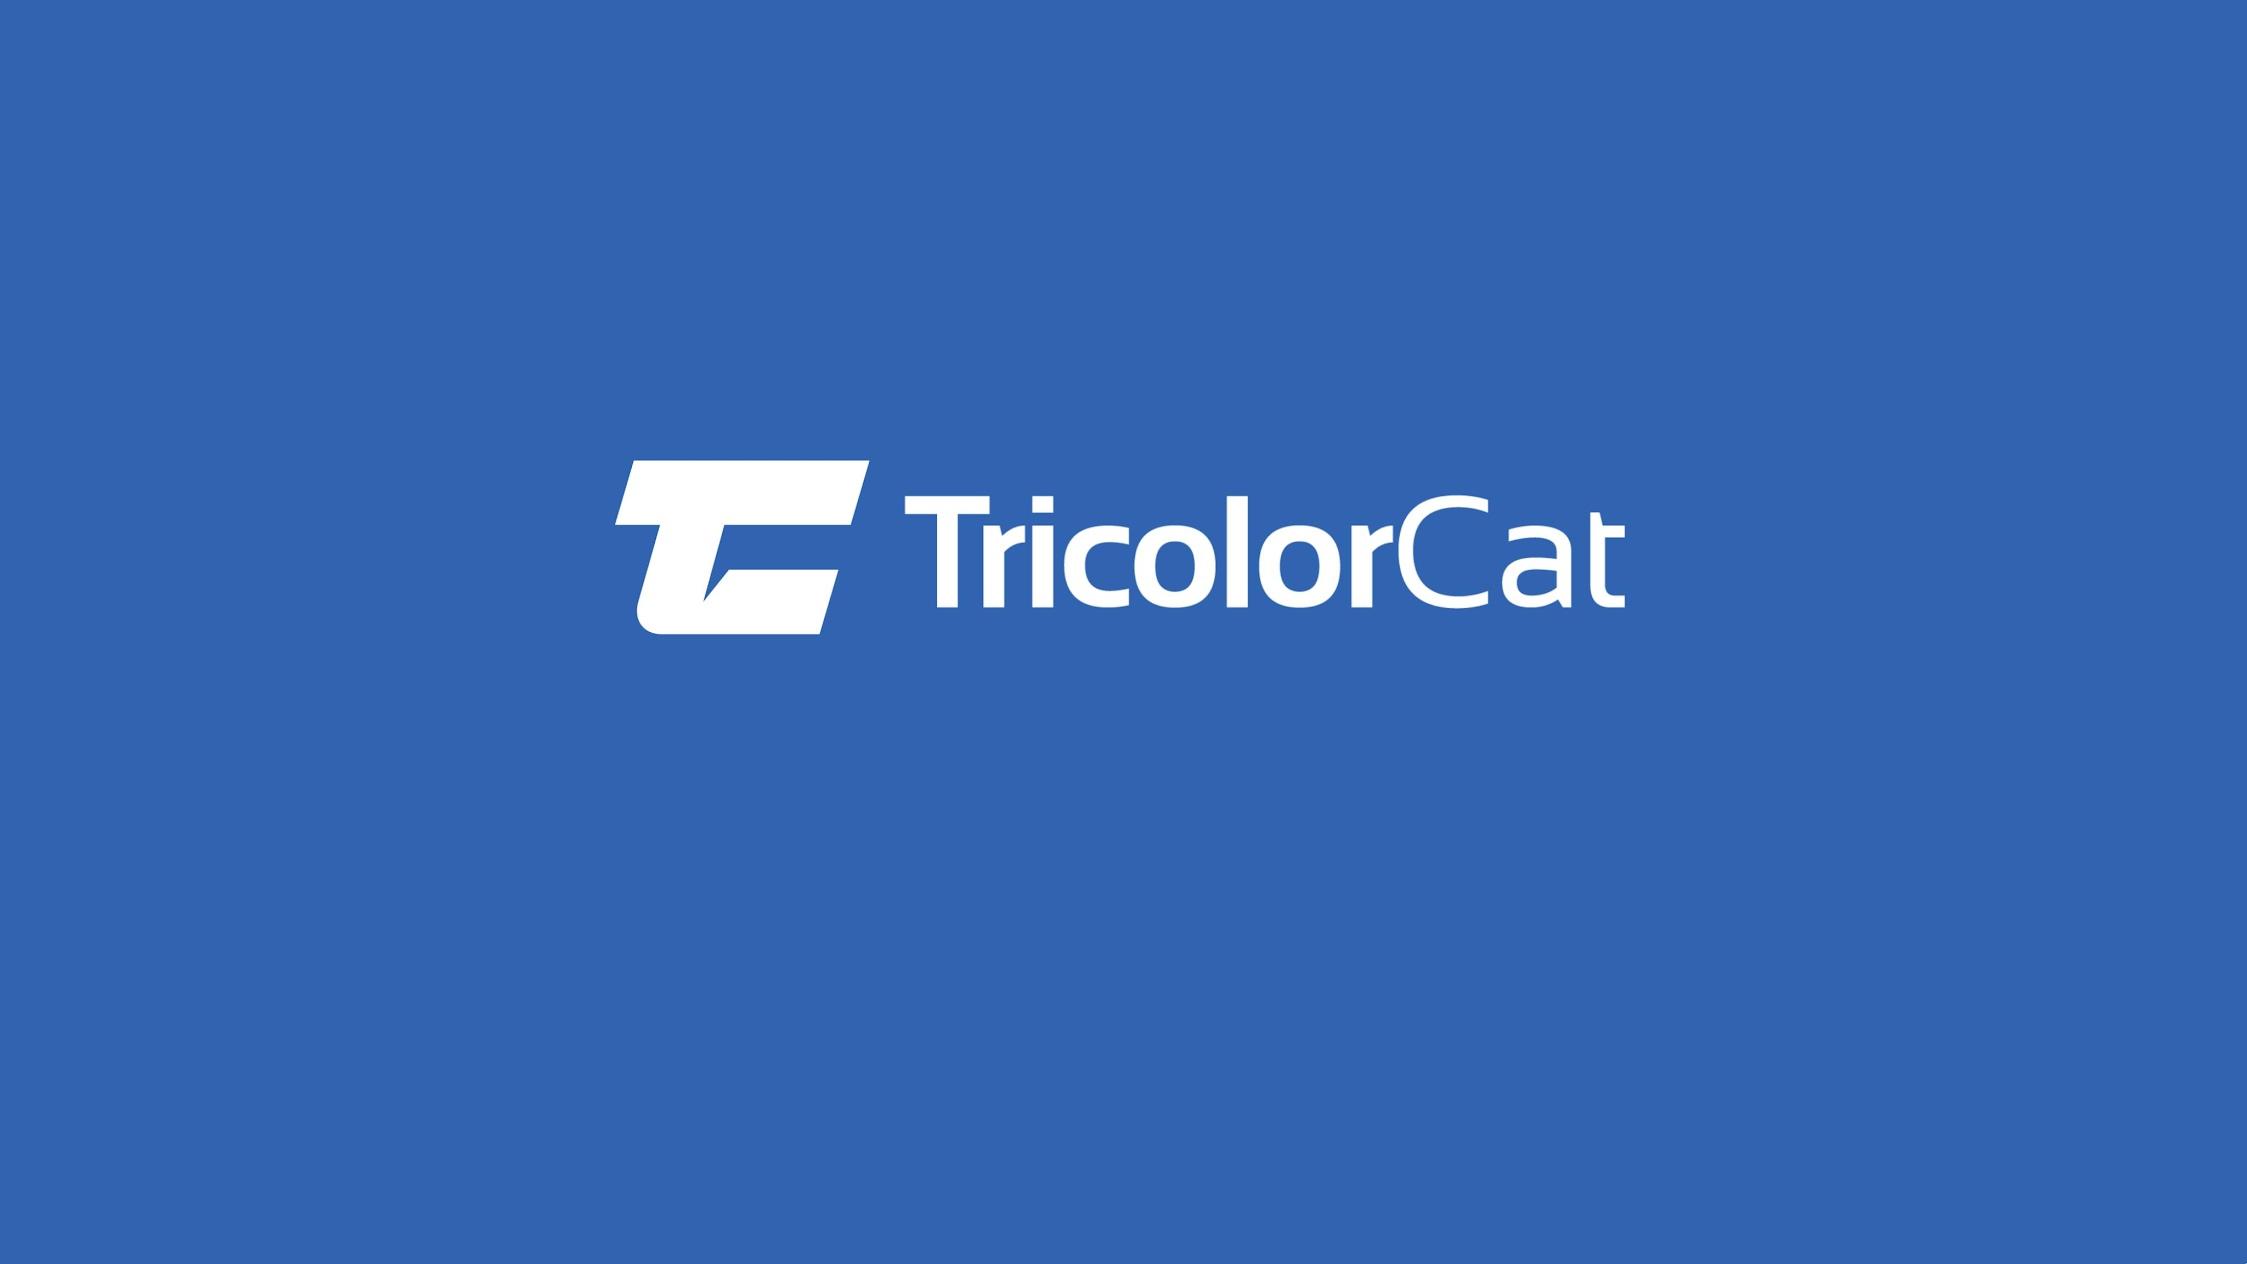 TricolorCat